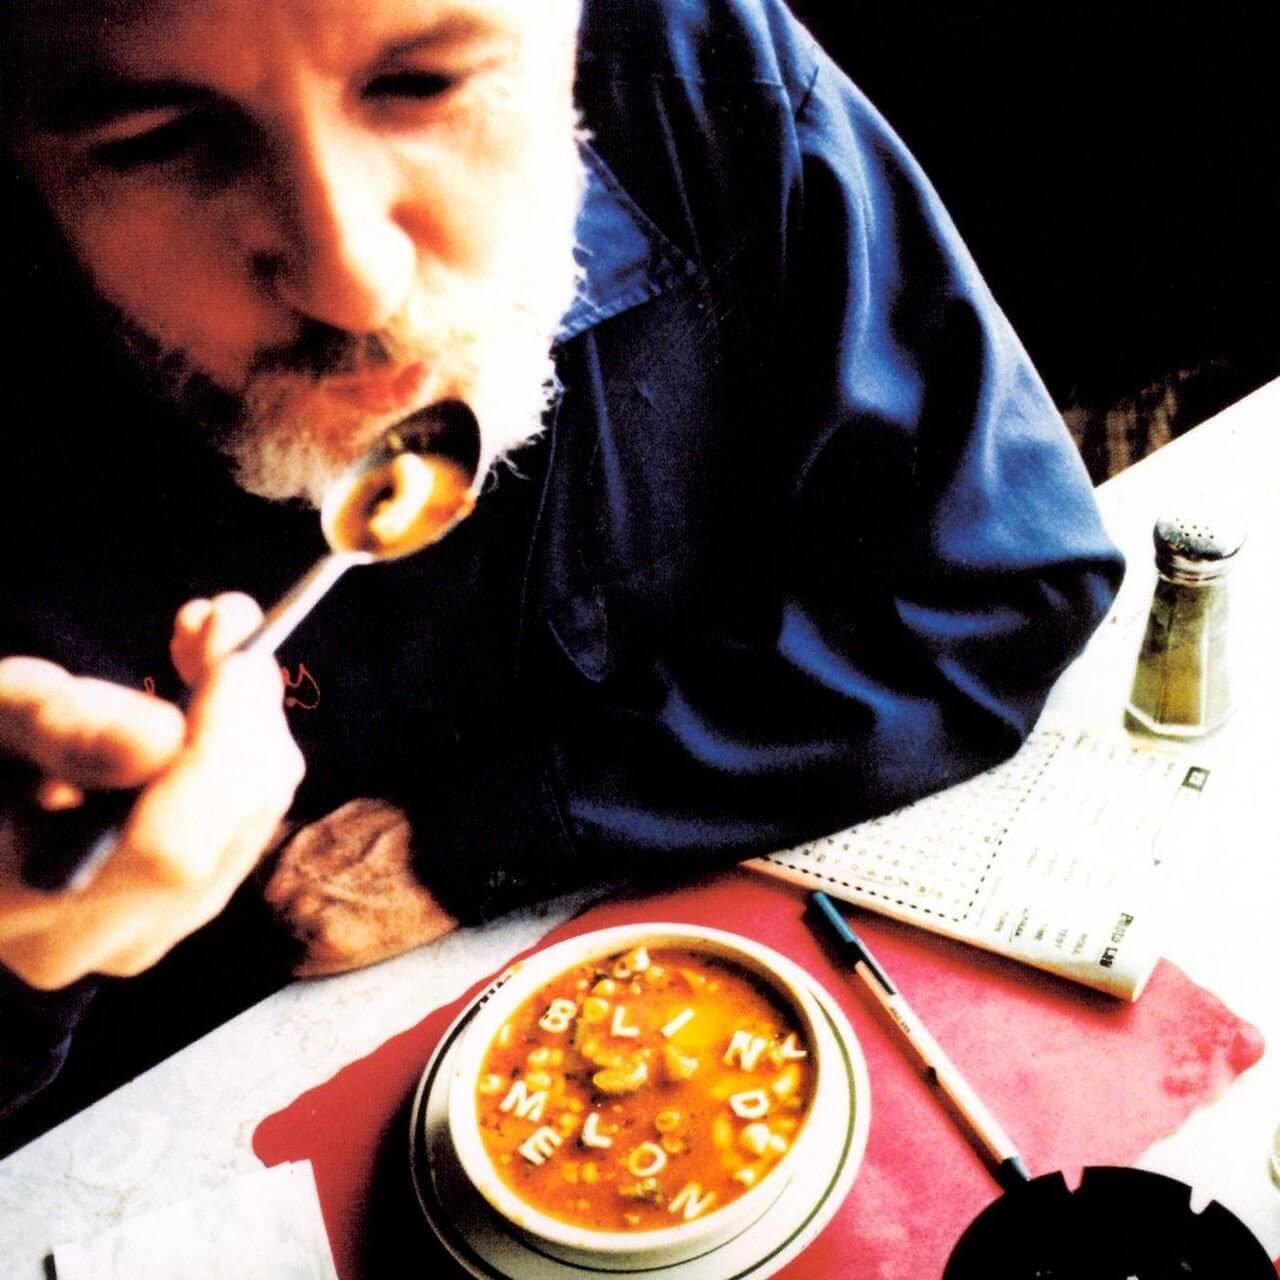 Blind Melon S Soup Getting Reissued Modern Vinyl